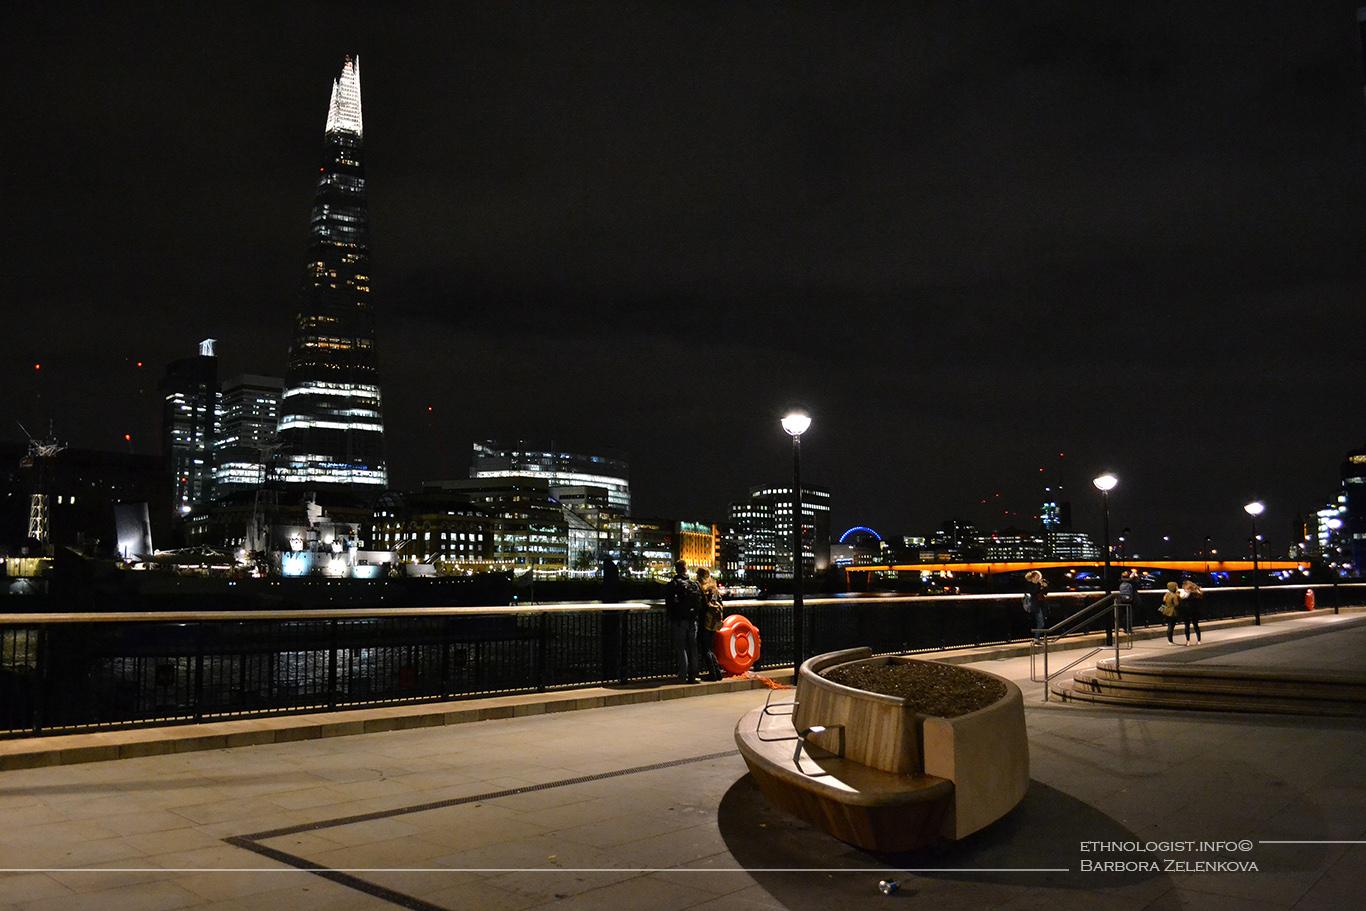 Ačkoliv Londýn patří mezi ´top´ města v rámci kvality života, jeho vysoké umístění na světovém žebříčku se zhoršilo právě kvůli znečištění. Foto: Barbora Zelenková